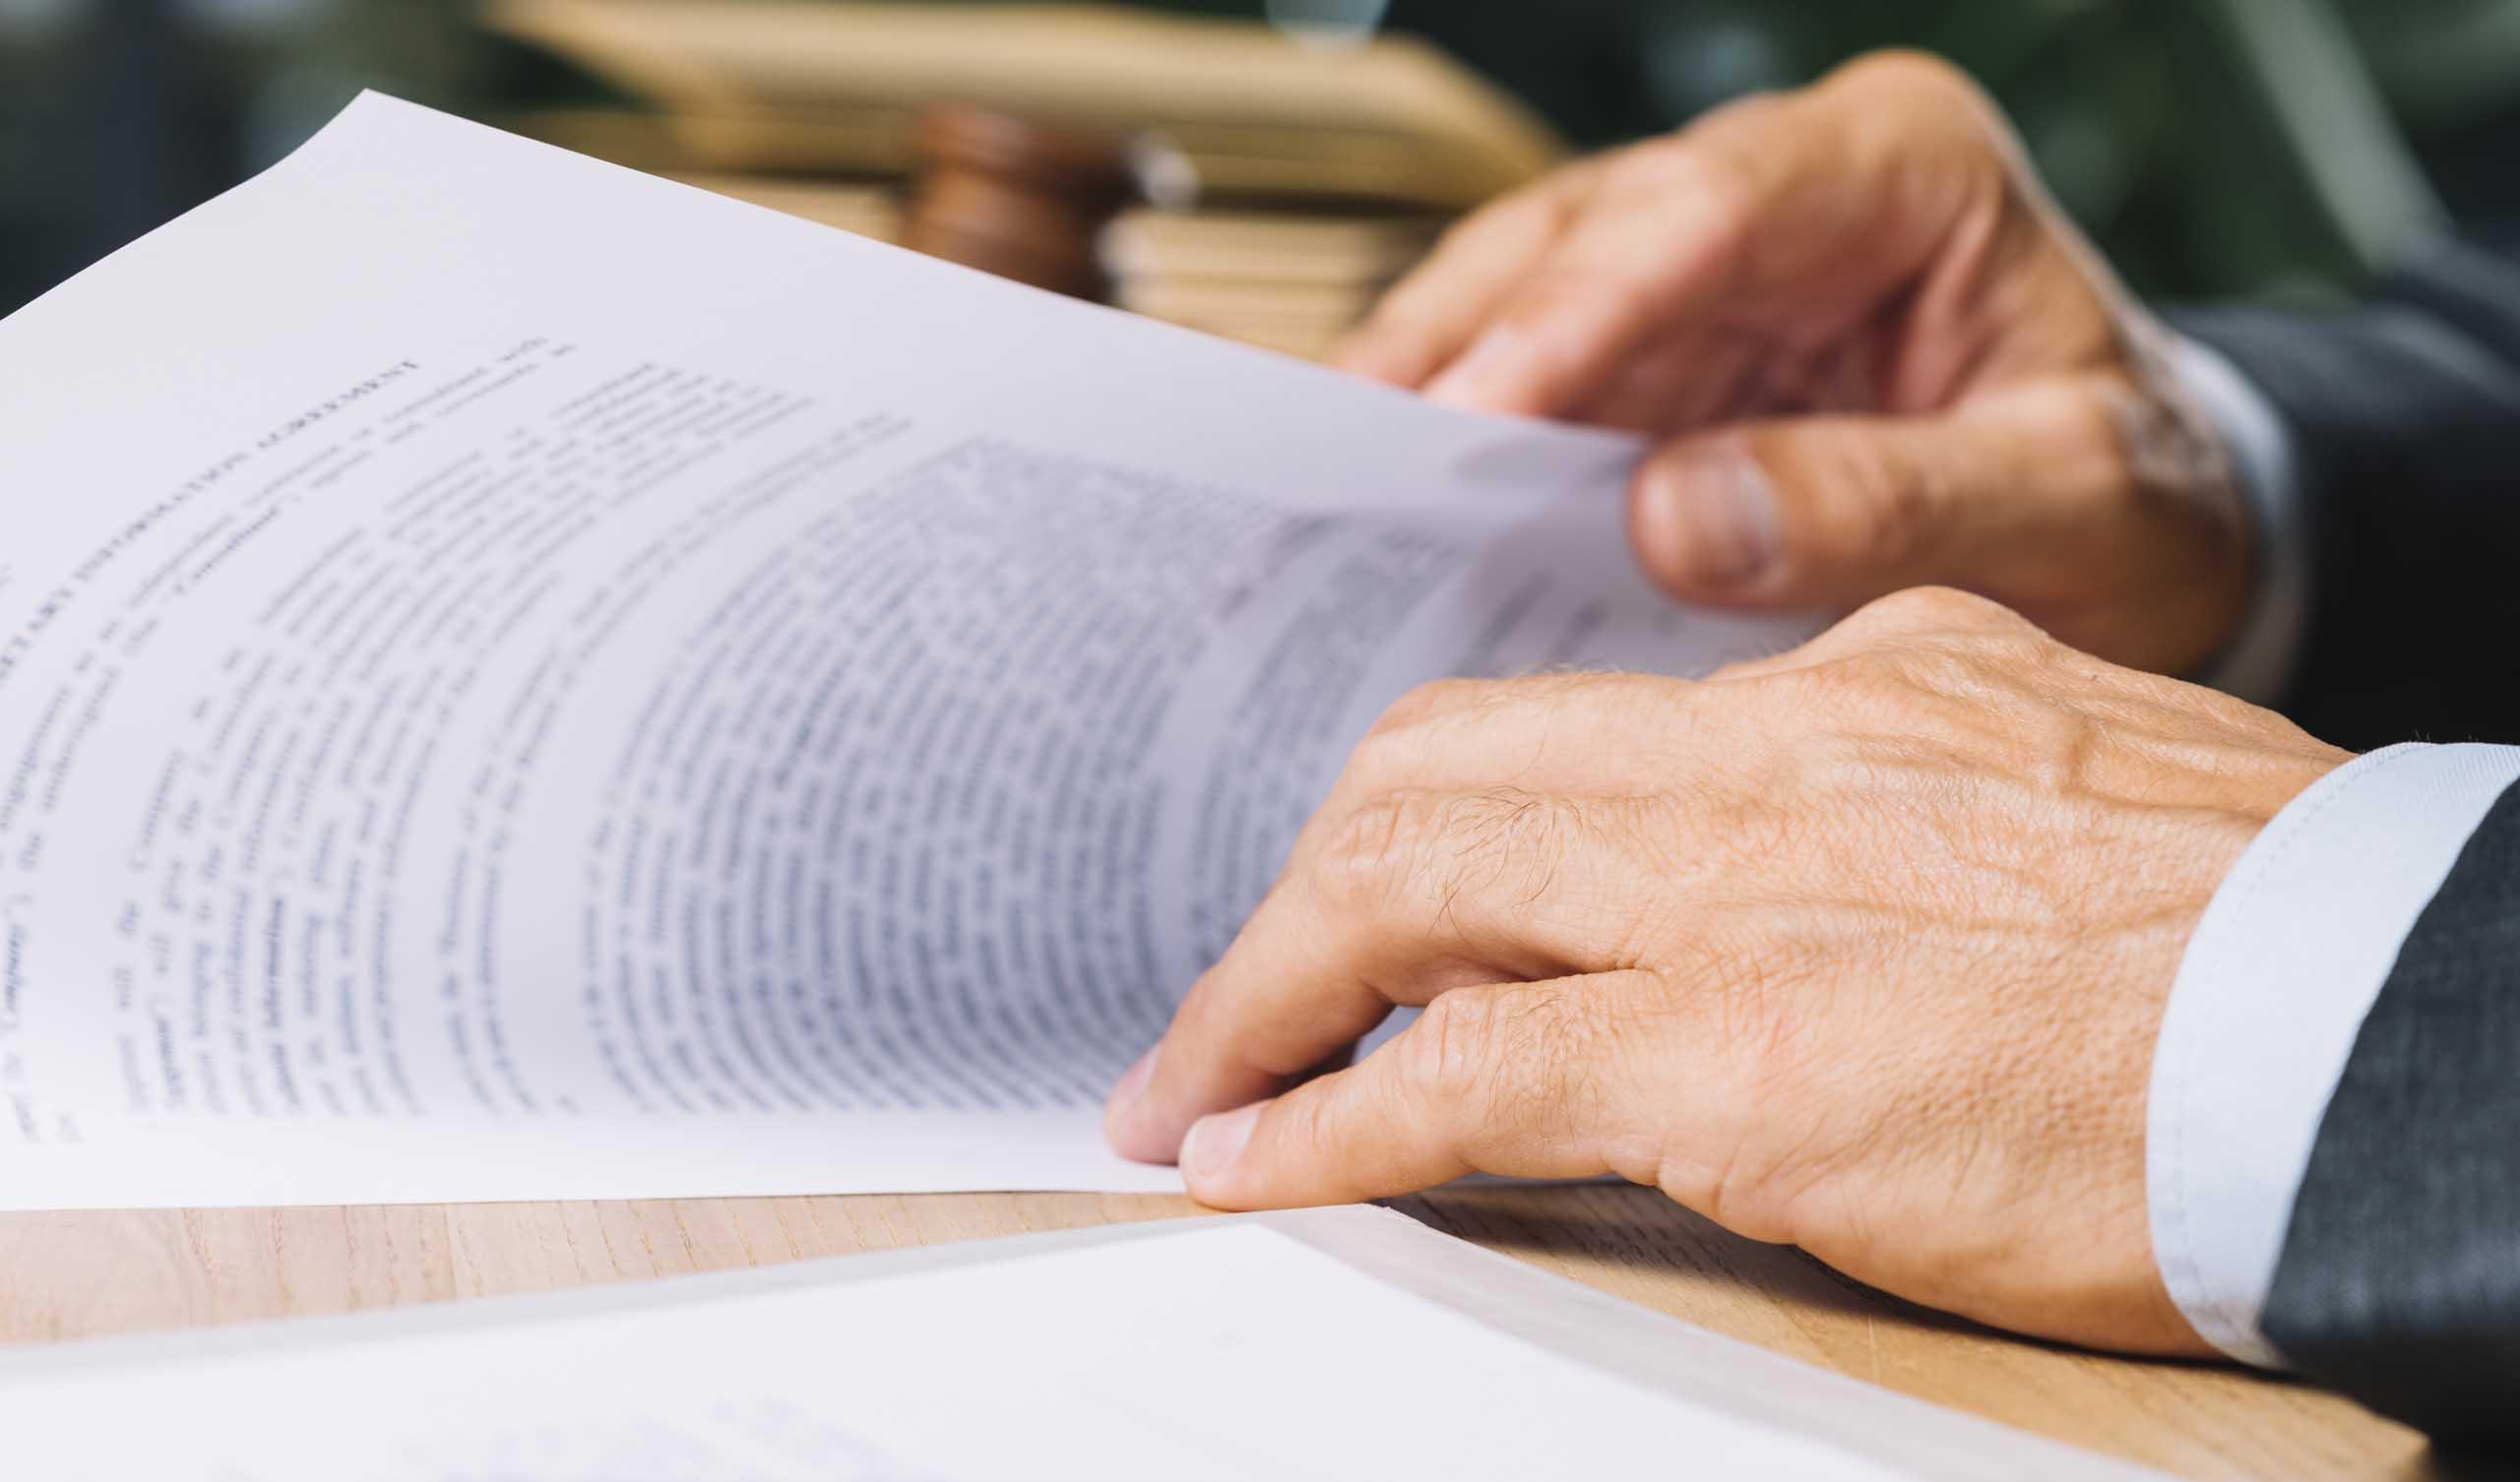 Senado aprova o PL nº 1.179/2020 e o projeto segue para a Câmara